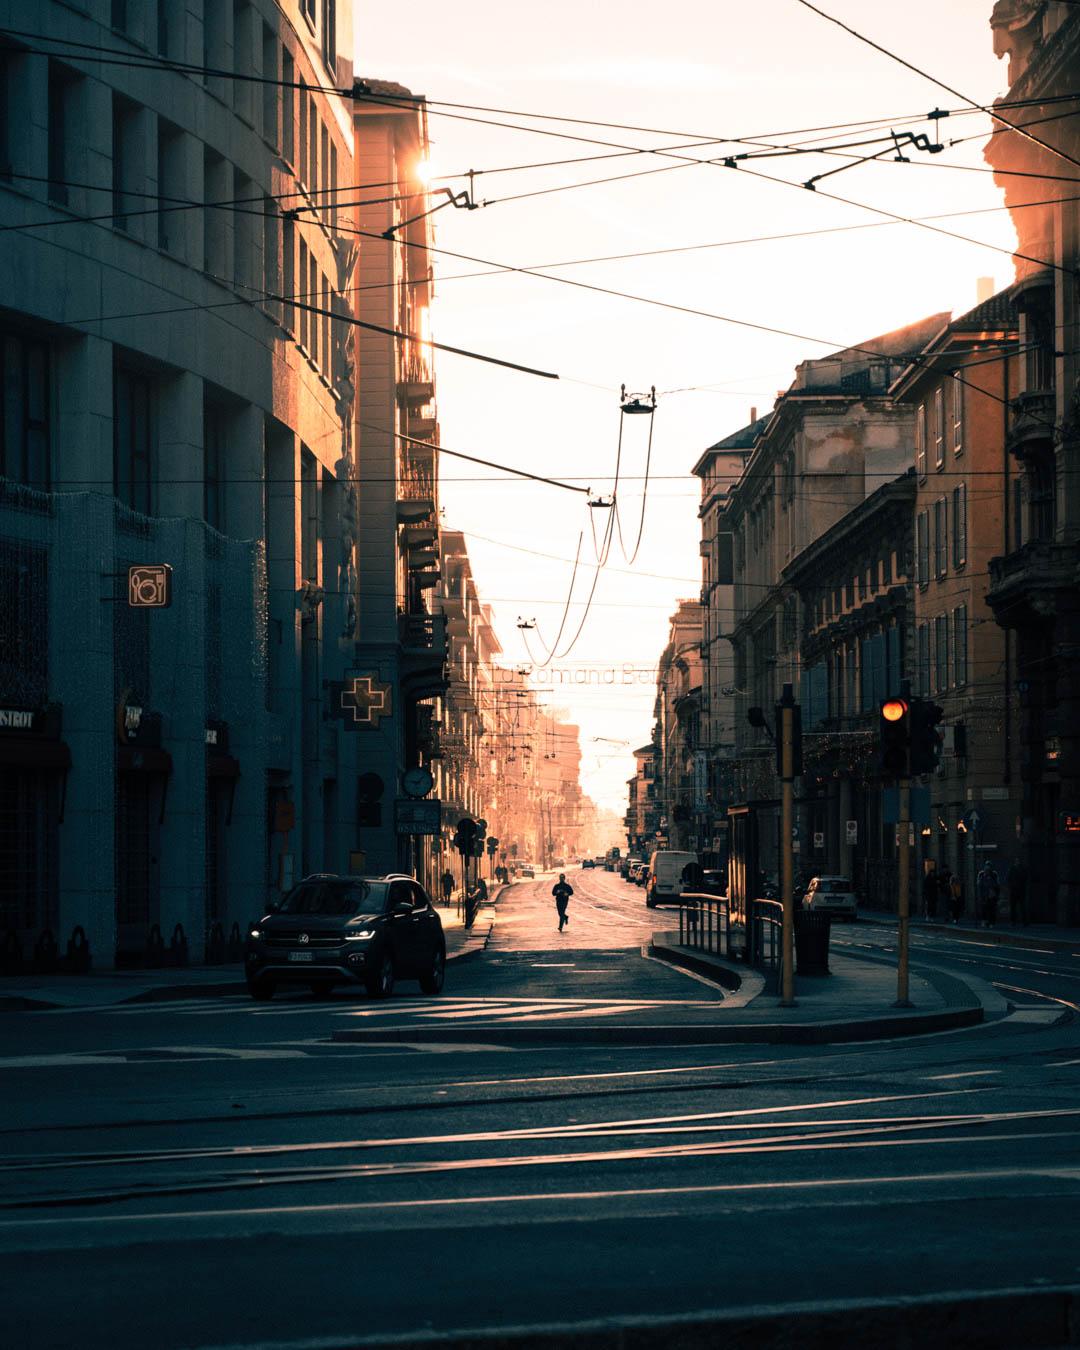 Urban_8